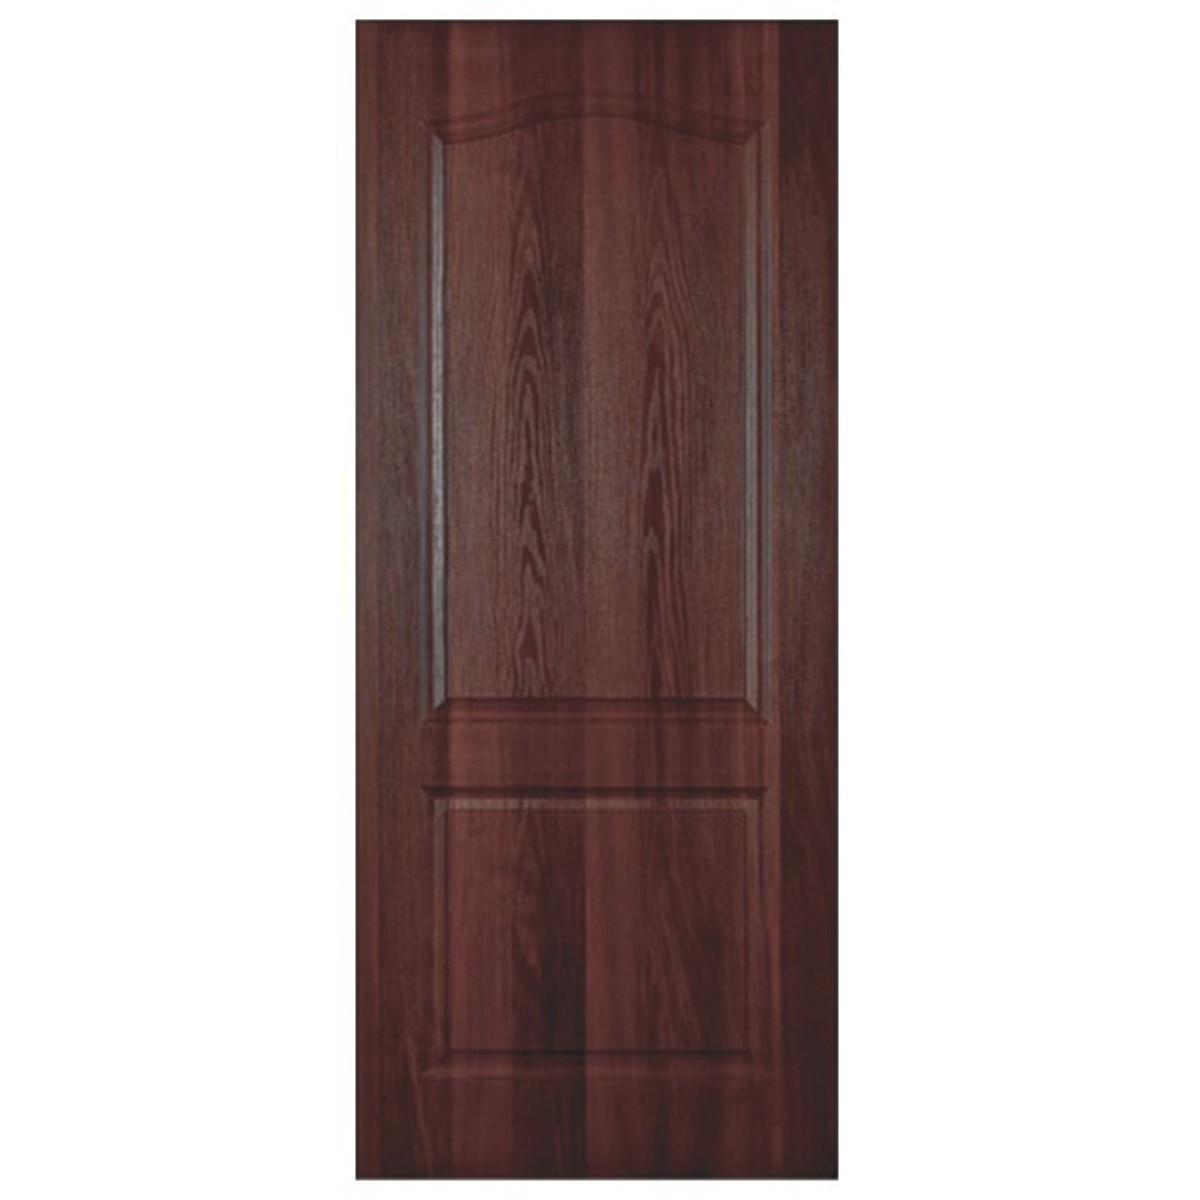 Дверь межкомнатная глухая Палитра 70x200 см ламинация цвет итальянский орех